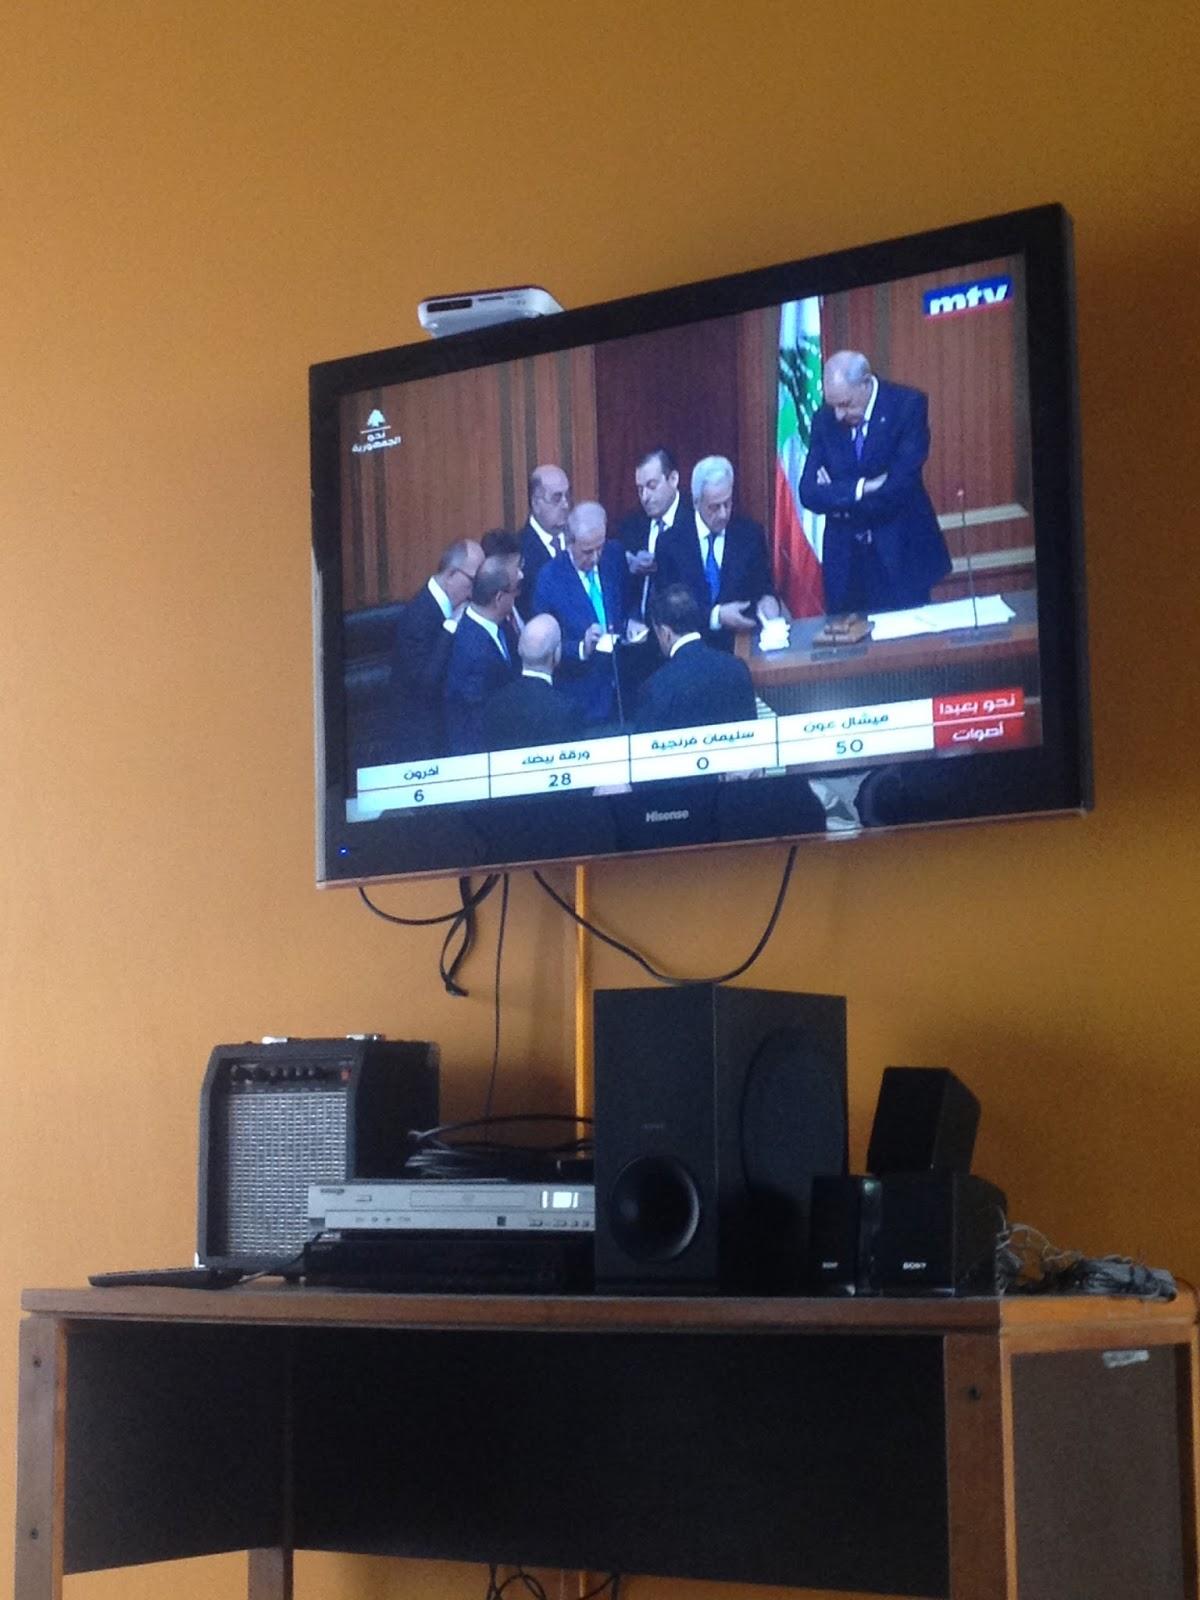 Präsidentenwahl vor dem Fernseher